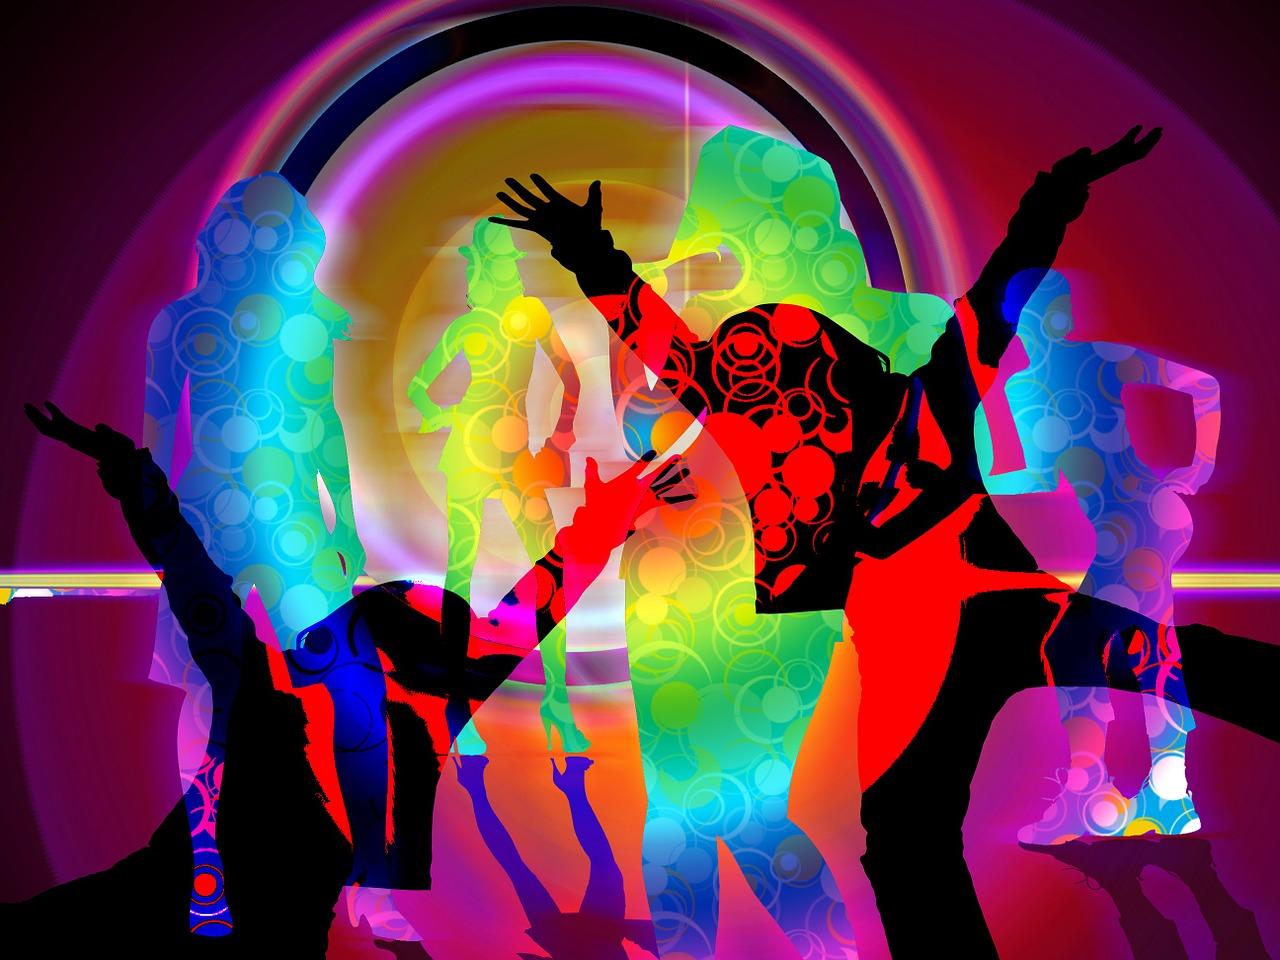 хотите, я танцую разноцветные картинки этой страничке